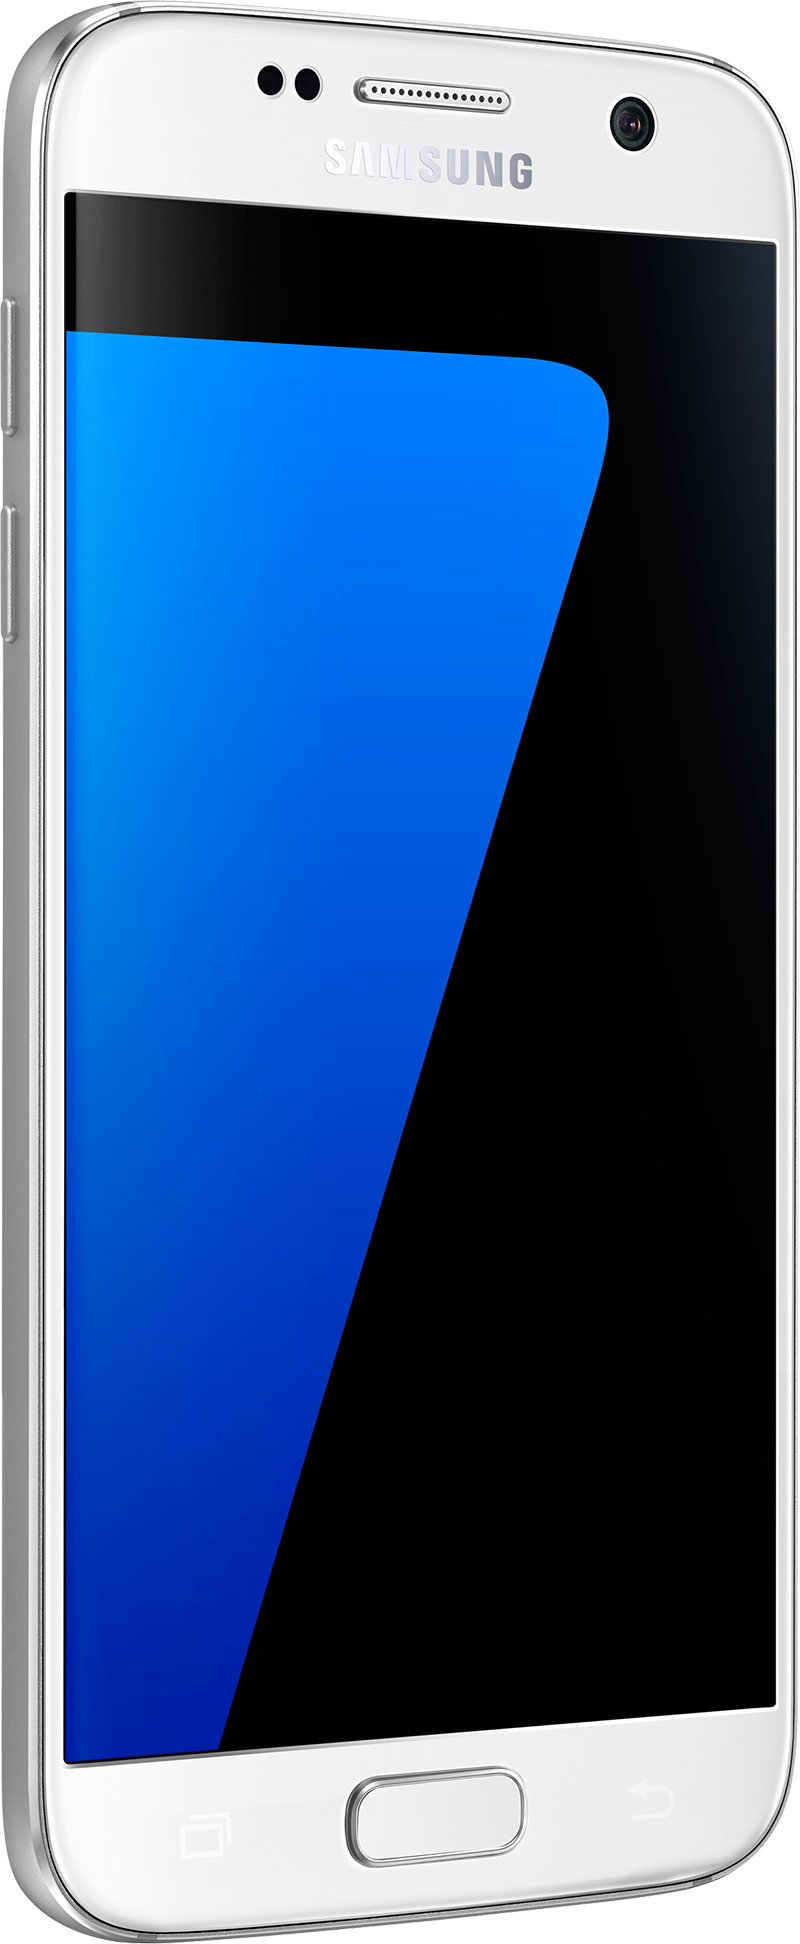 Samsung Galaxy S7 blanc 32Go